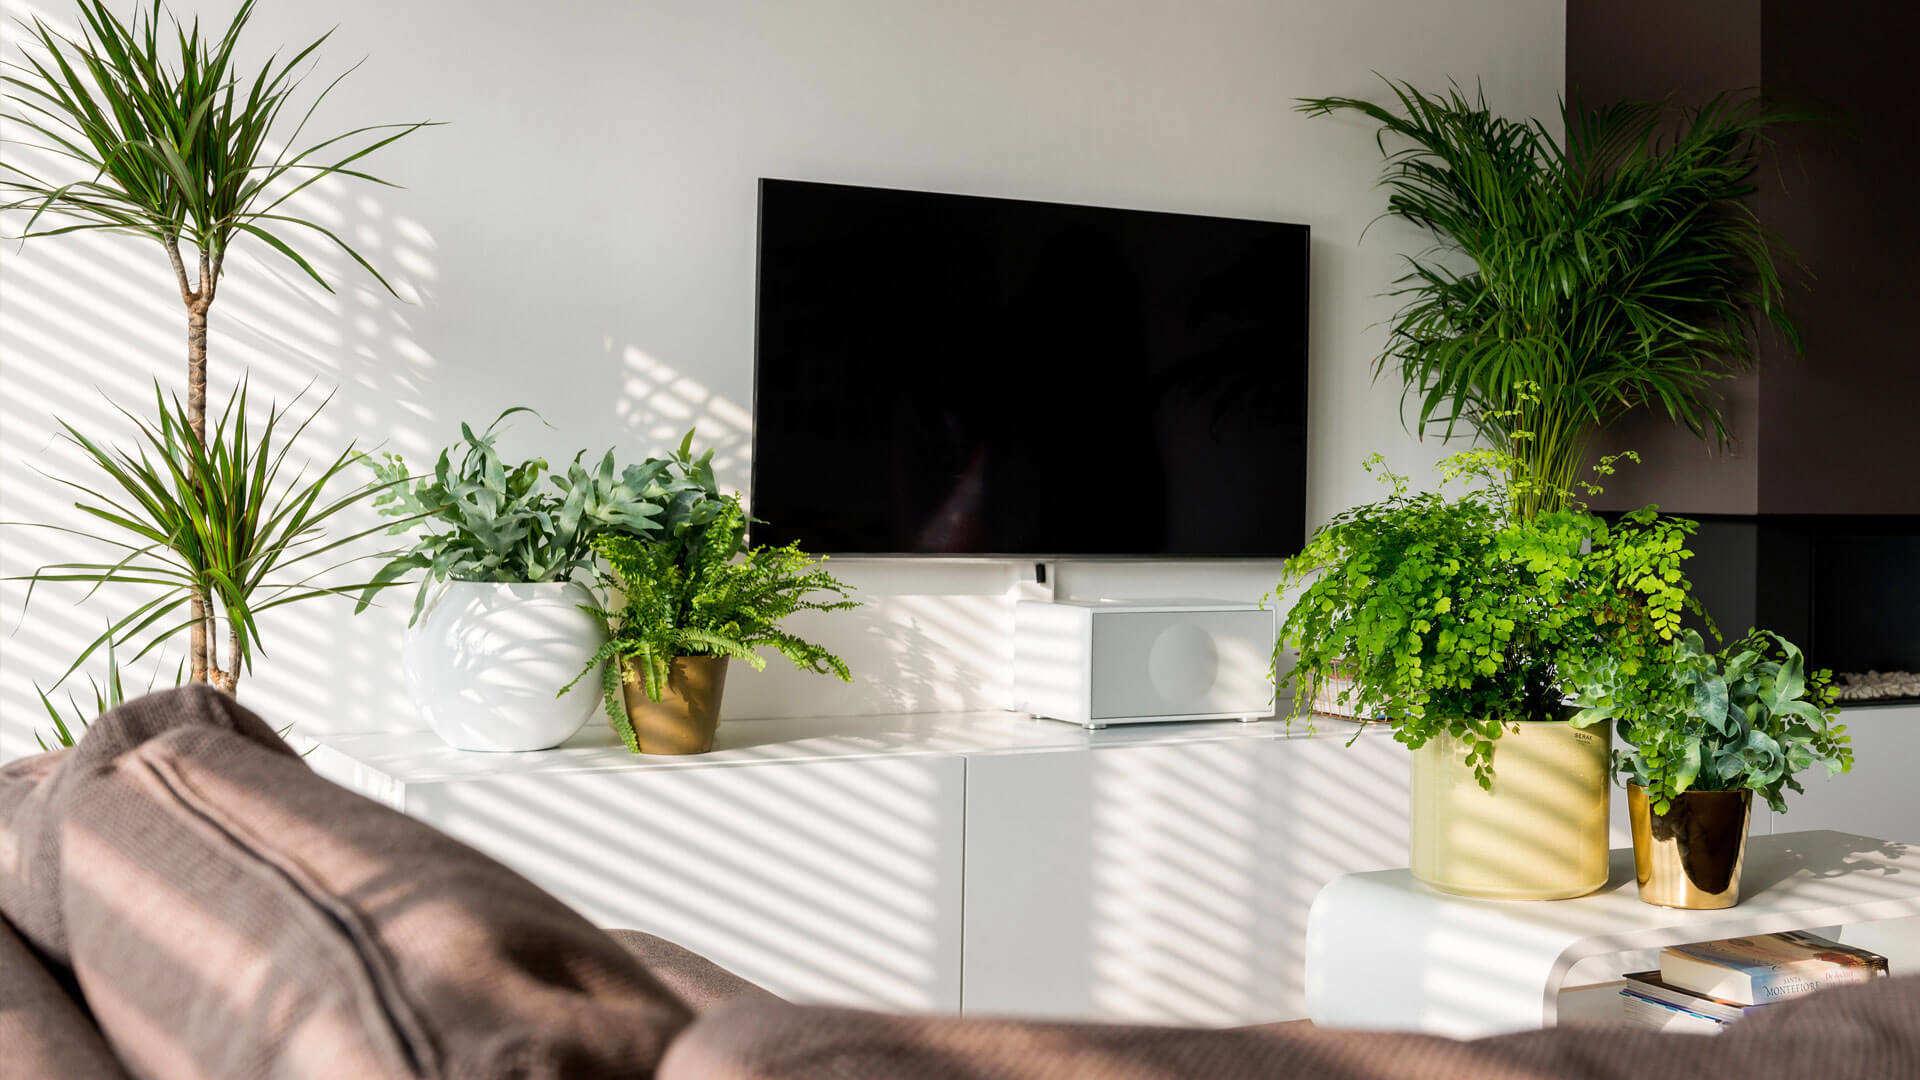 Profitez de vos plantes d'appartement durant de longues années